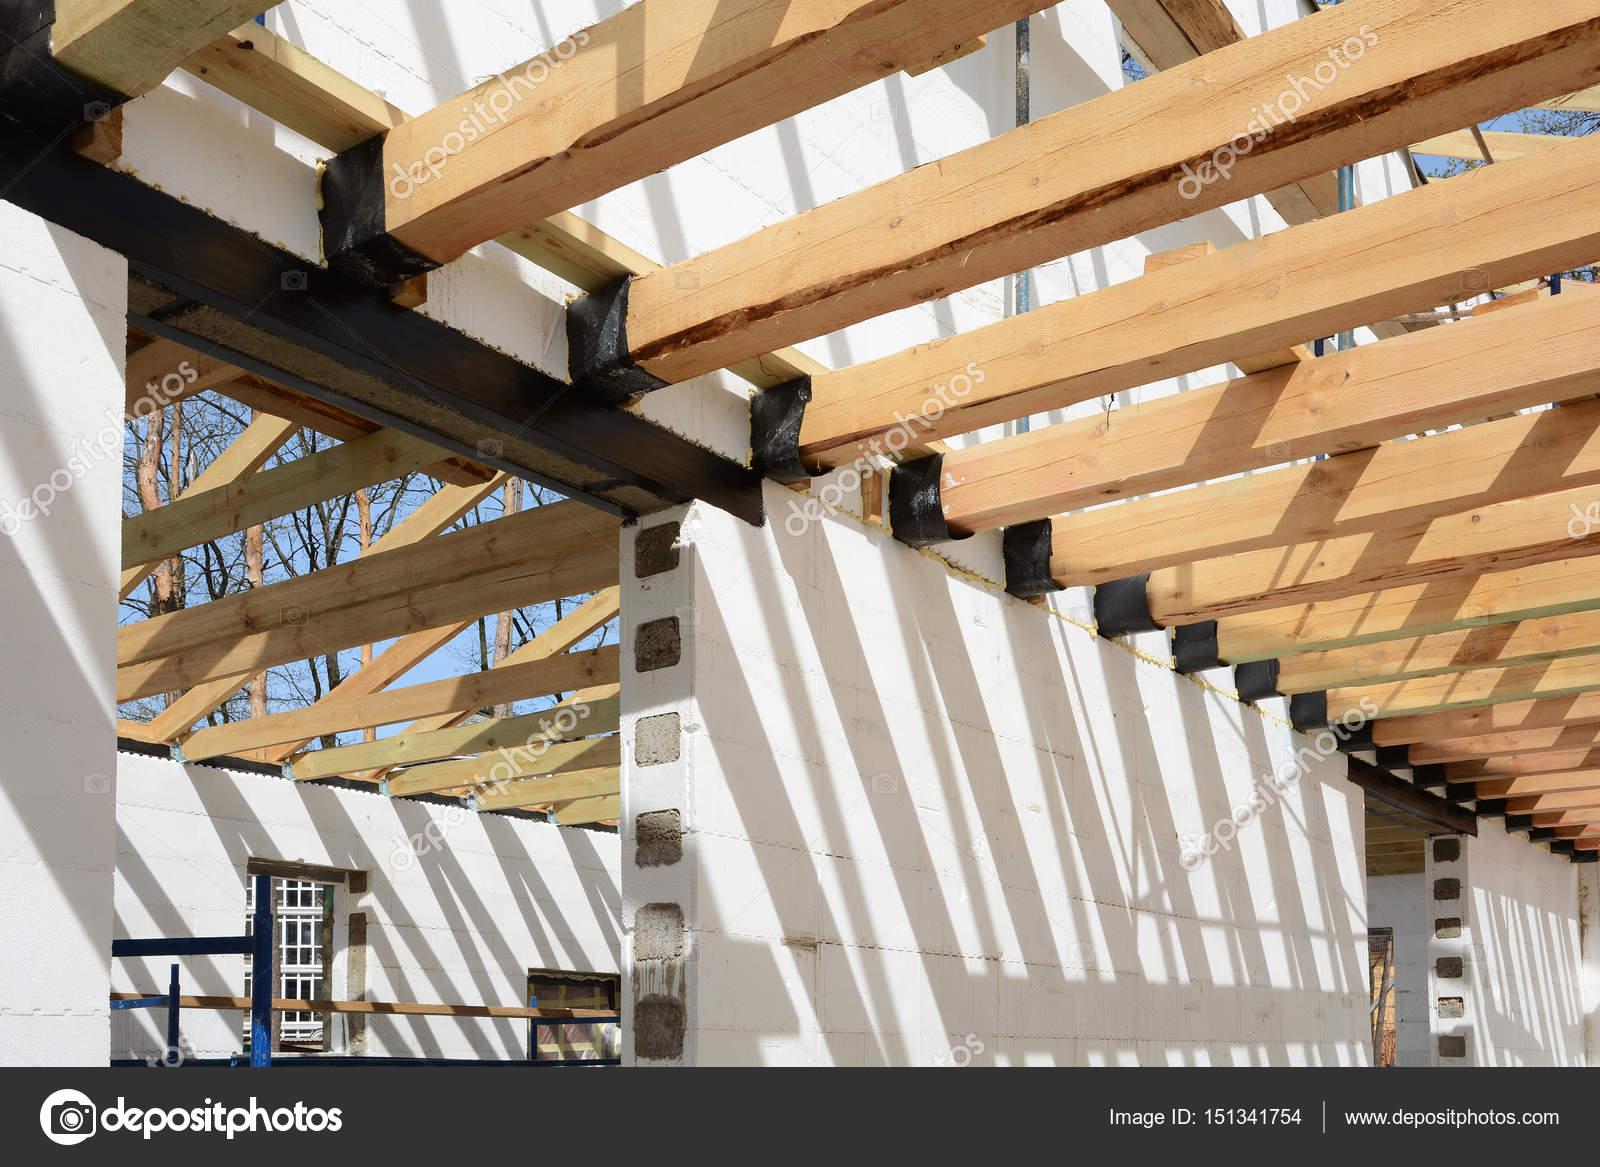 edificio de estructura de madera construccin de techo de madera foto para el hogar edificio de la casa instalacin de madera vigas en construccin el